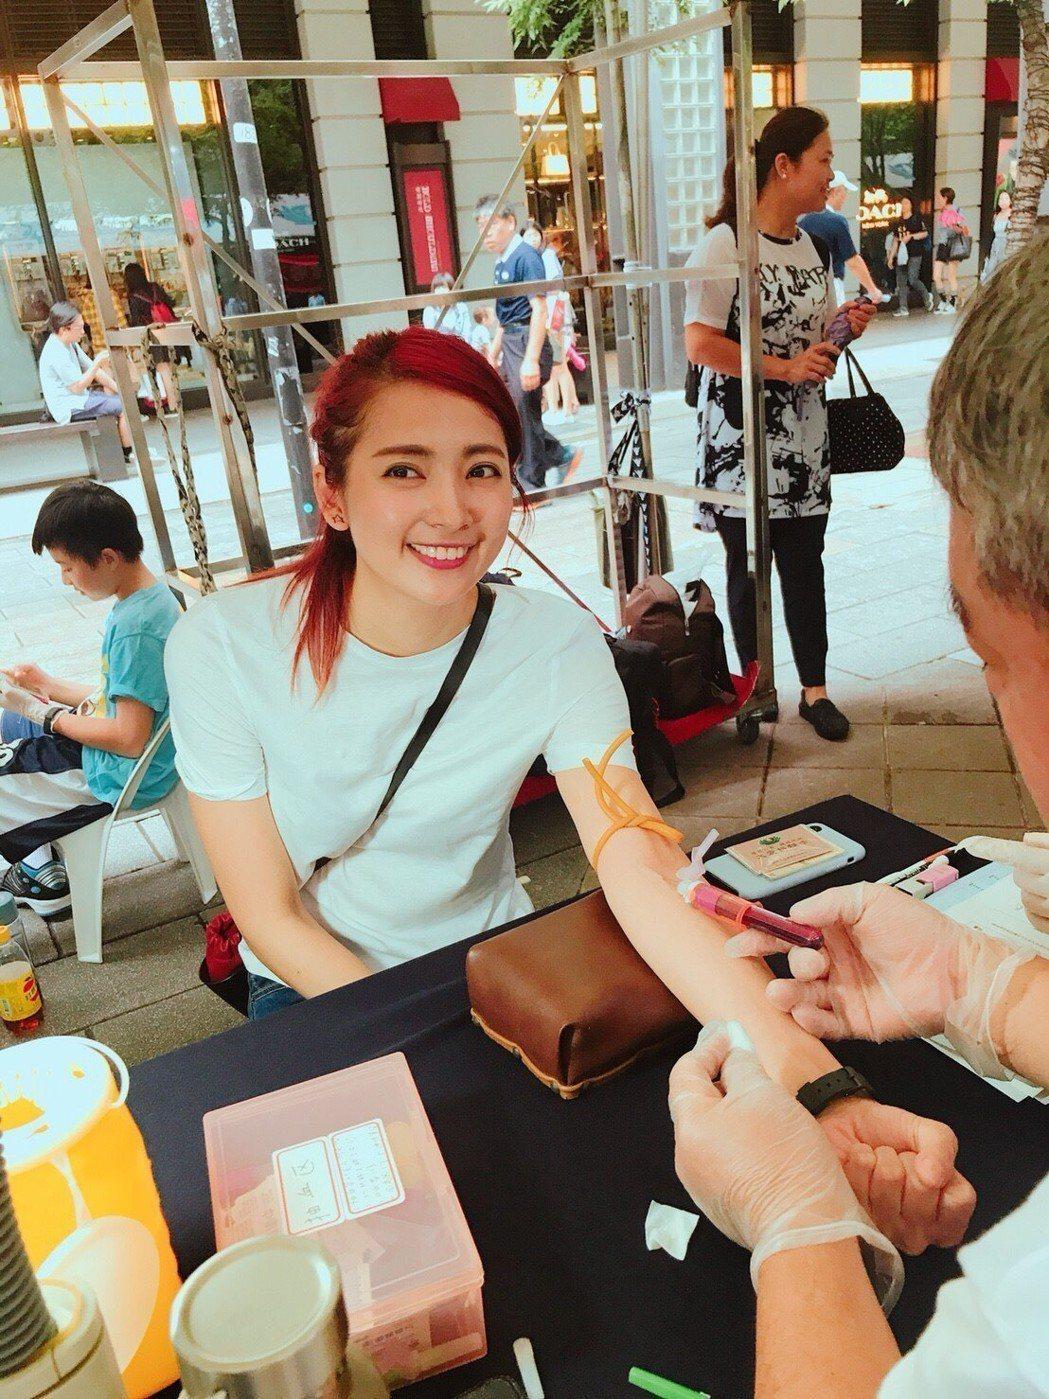 阿喜參加世界骨髓捐贈日活動抽血建檔。圖/天晴娛樂